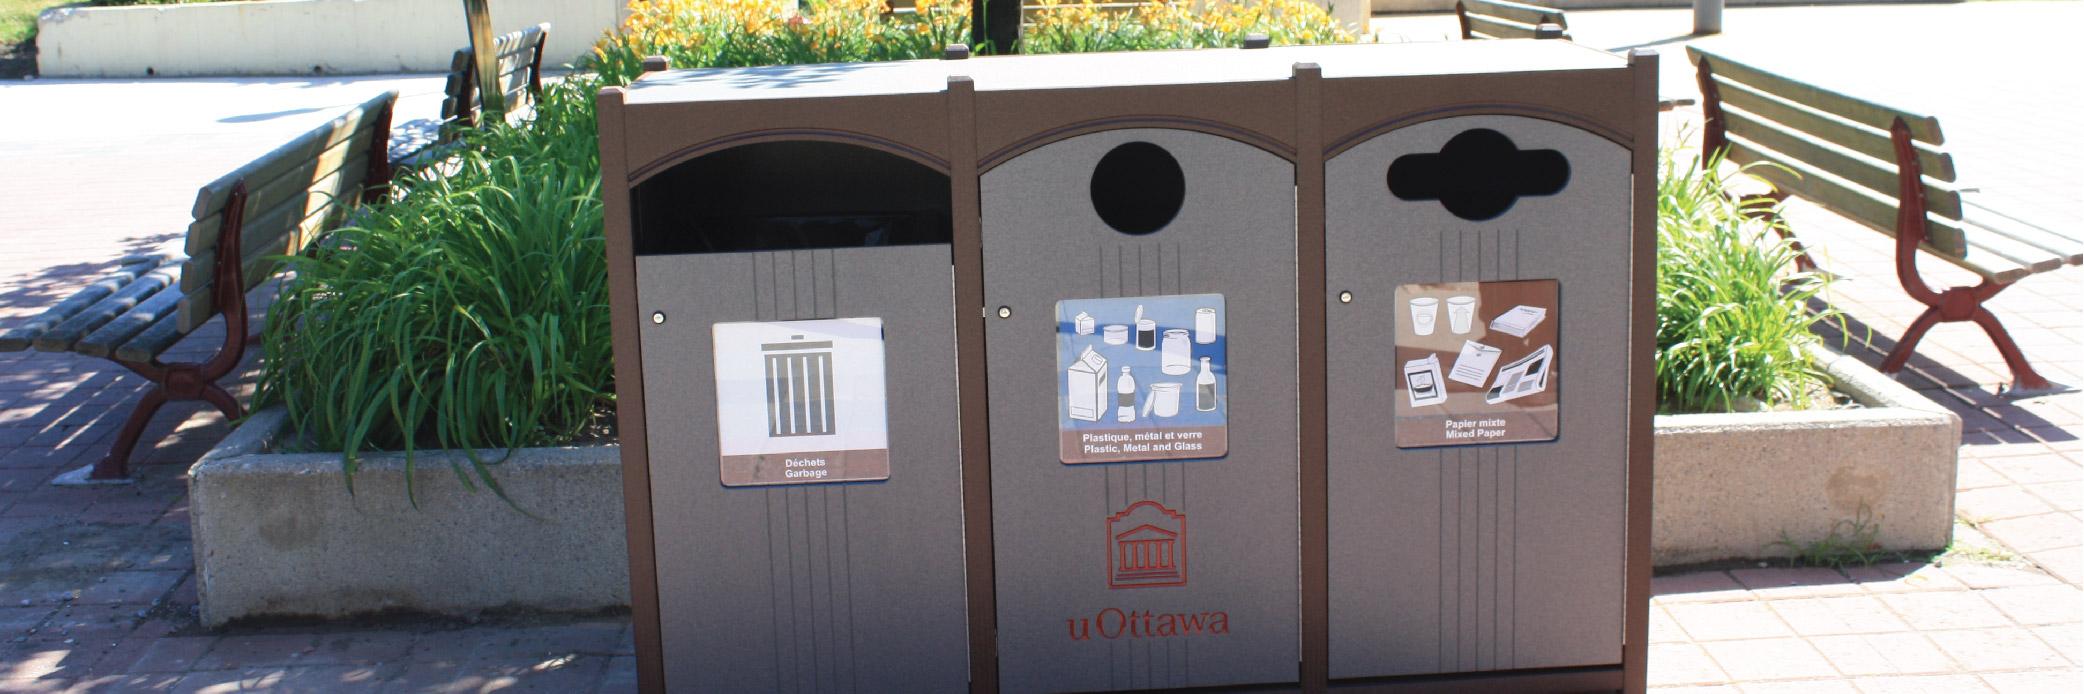 uOttawa Recycing counter